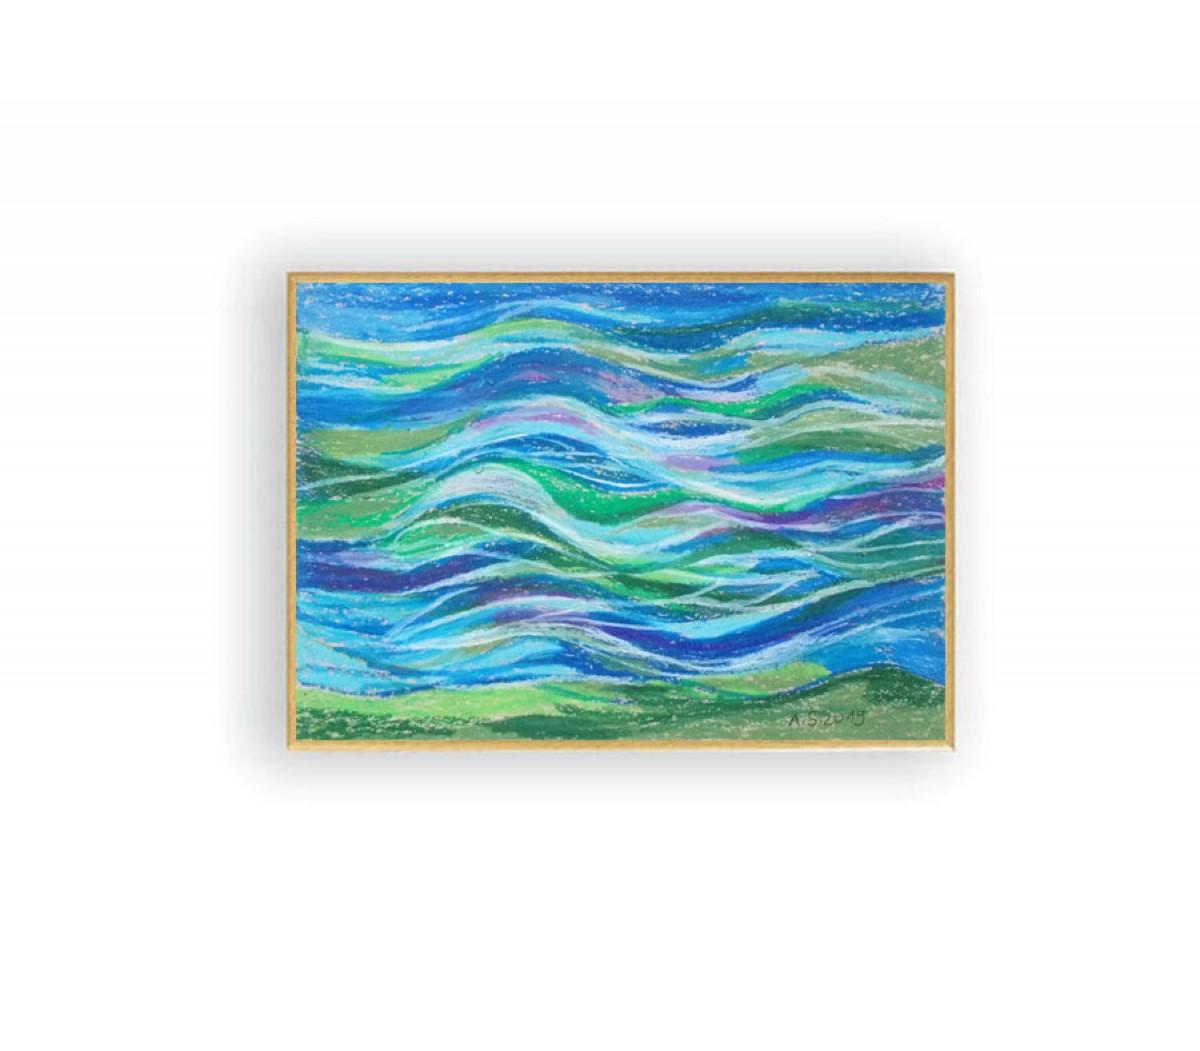 oprawiony rysunek z morzem, abstrakcyjny obraz, mały obraz do pokoju